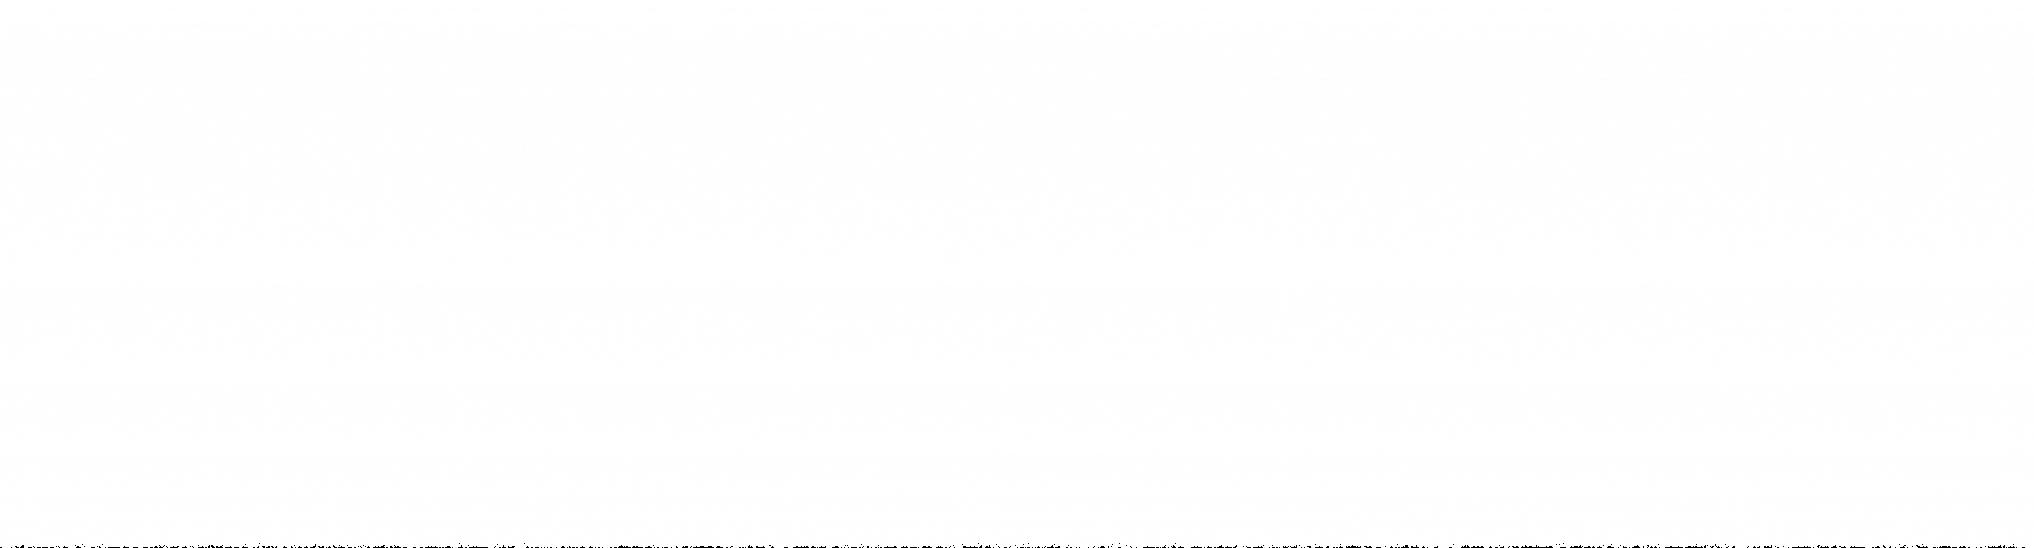 bg-degrader-blanc-01.png